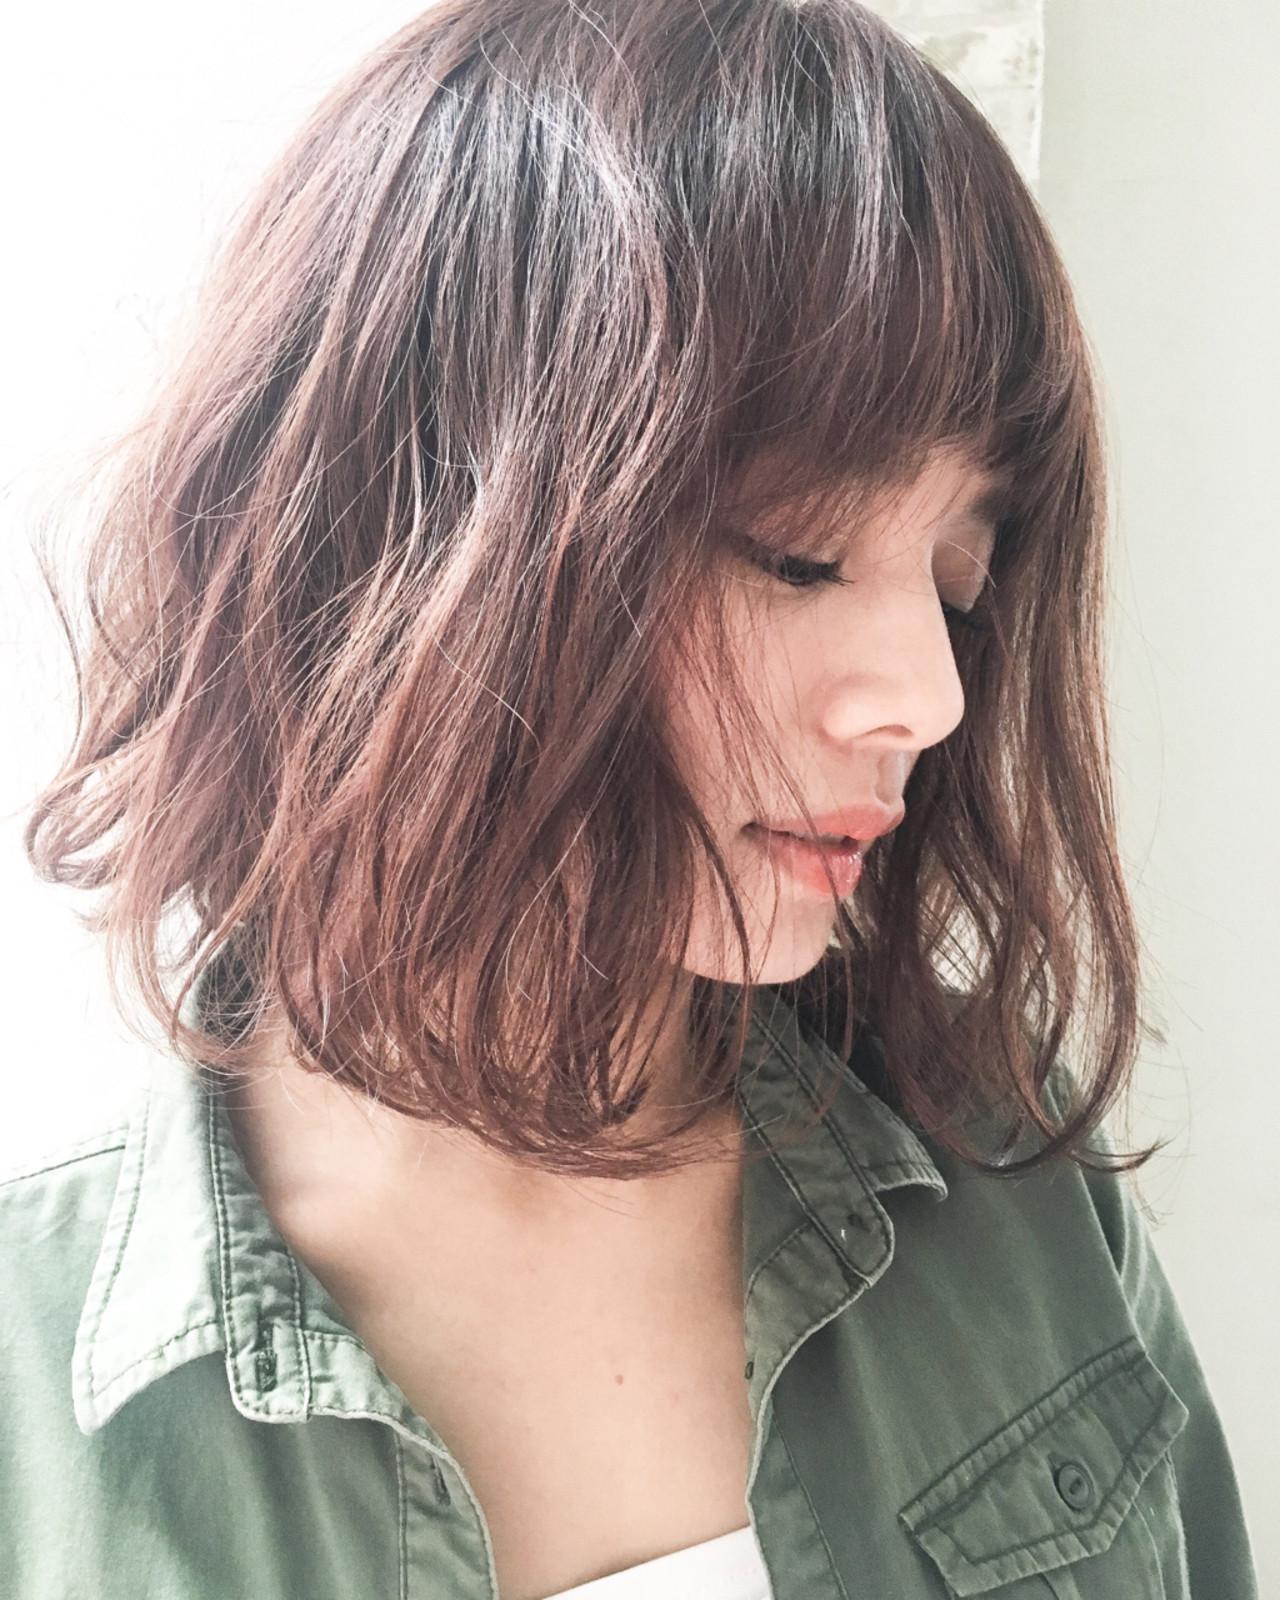 ボブ アッシュ ナチュラル パーマ ヘアスタイルや髪型の写真・画像 | 赤井希望 / joemibyUnami